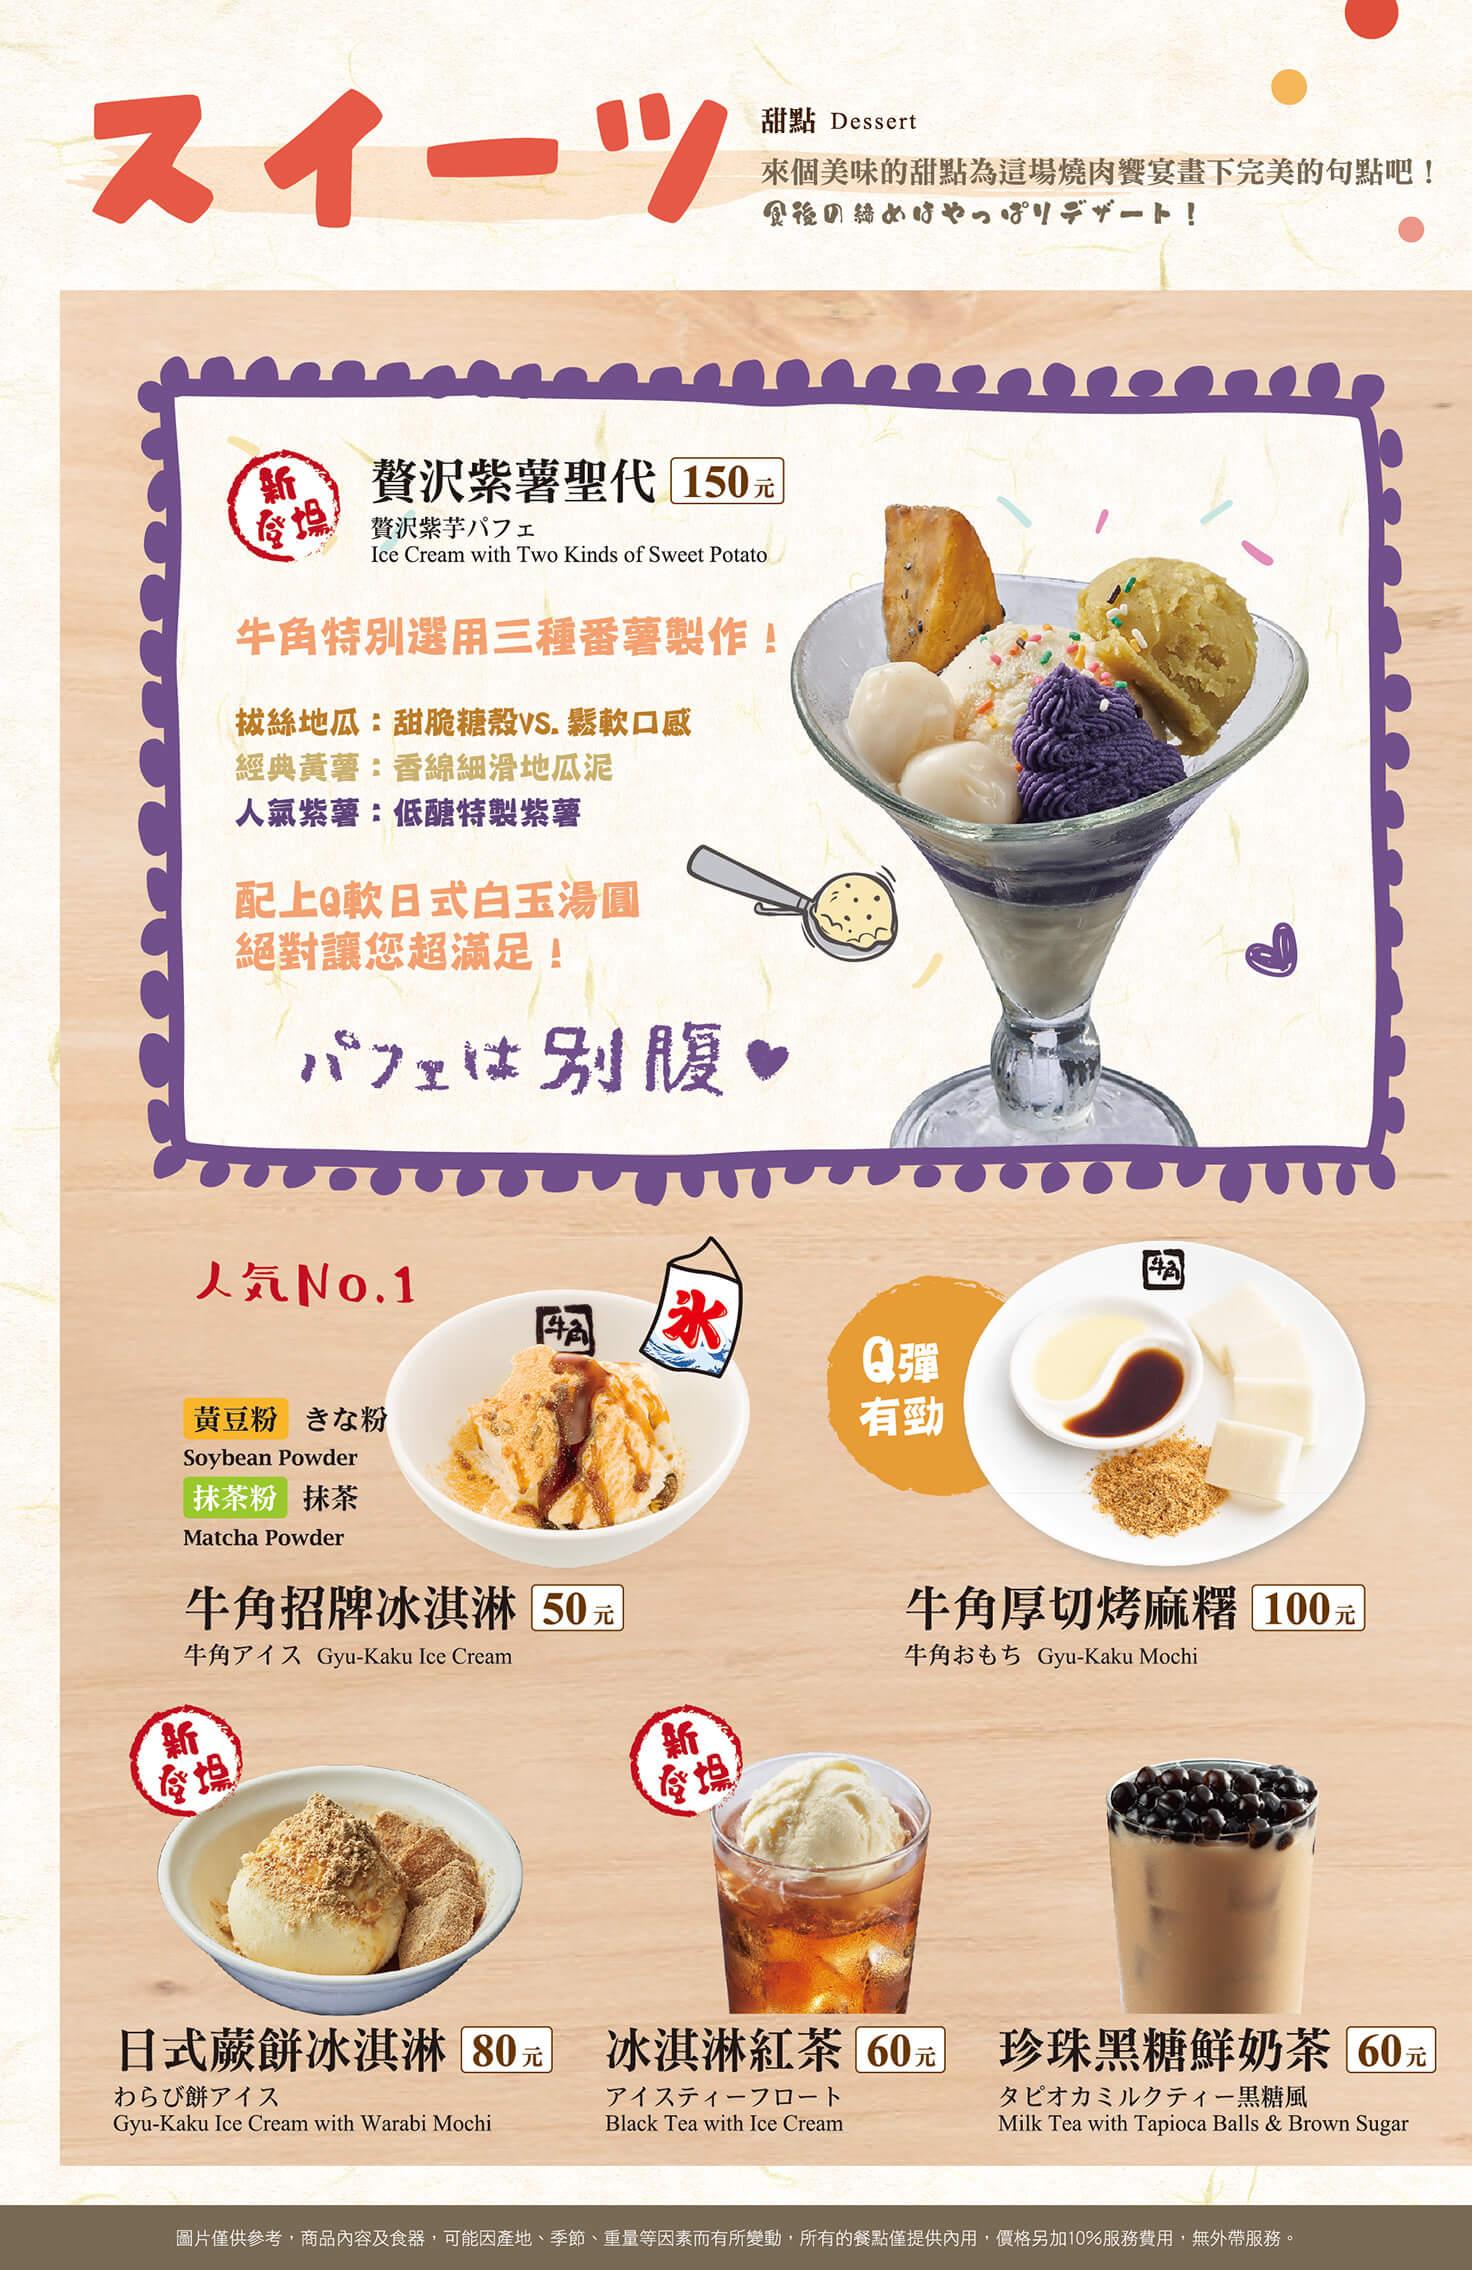 牛角菜單-甜點